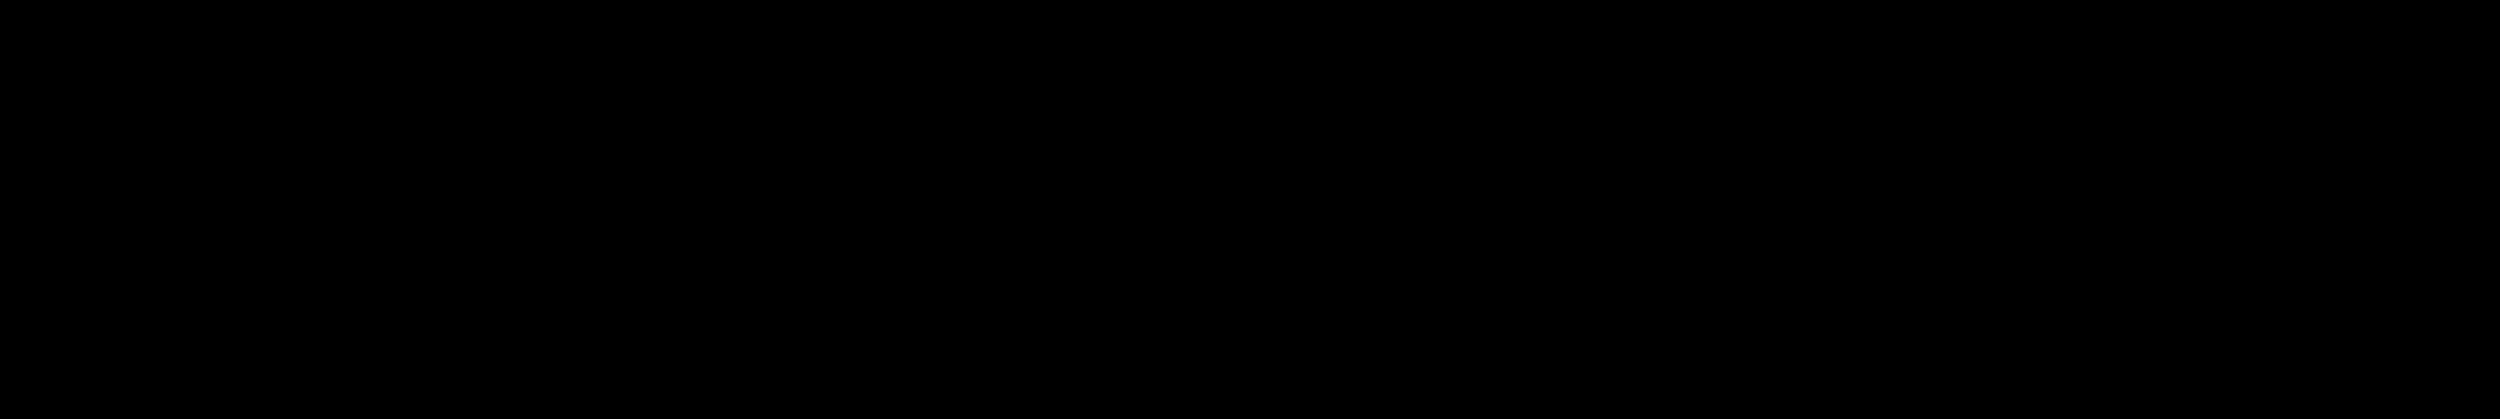 ligntning-7.png